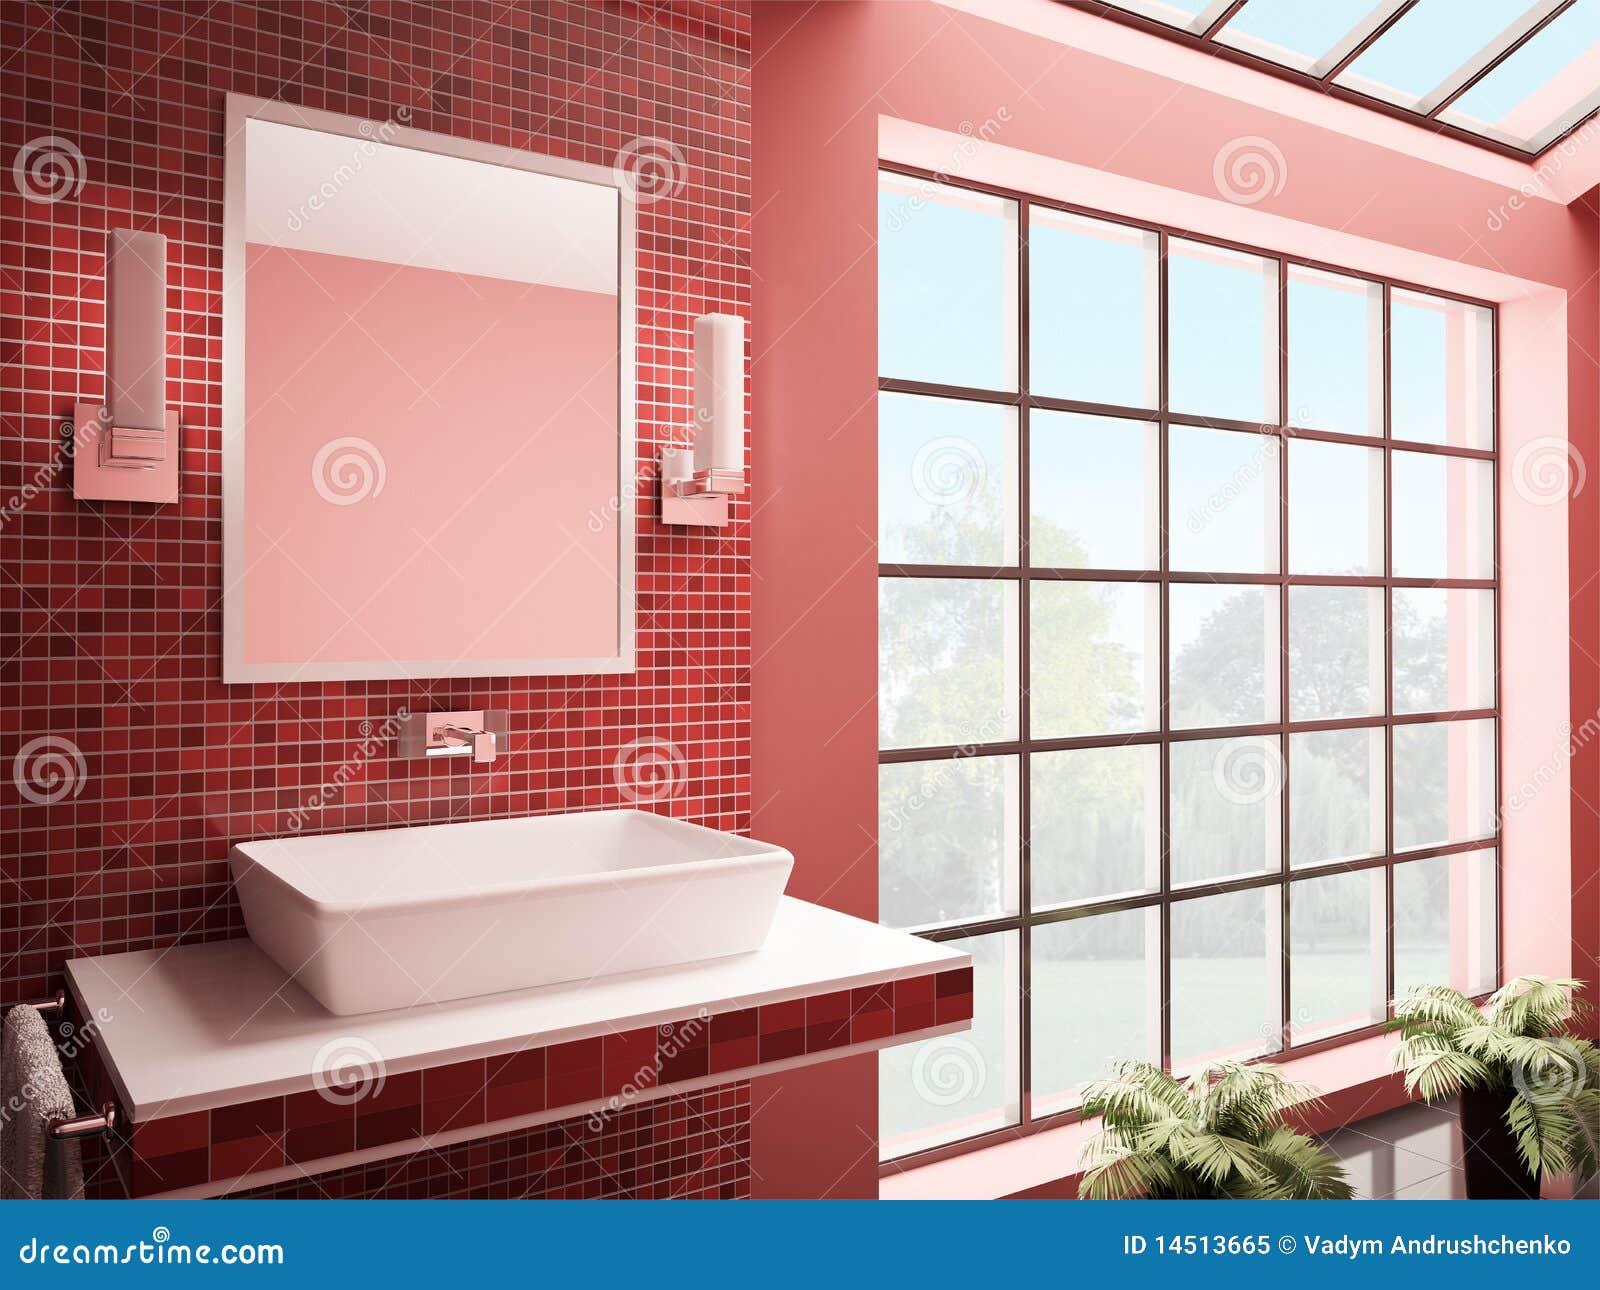 #82A328 Banheiro Vermelho 3d Interior Rende Foto de Stock Royalty Free  1300x1065 px projeto banheiro grande